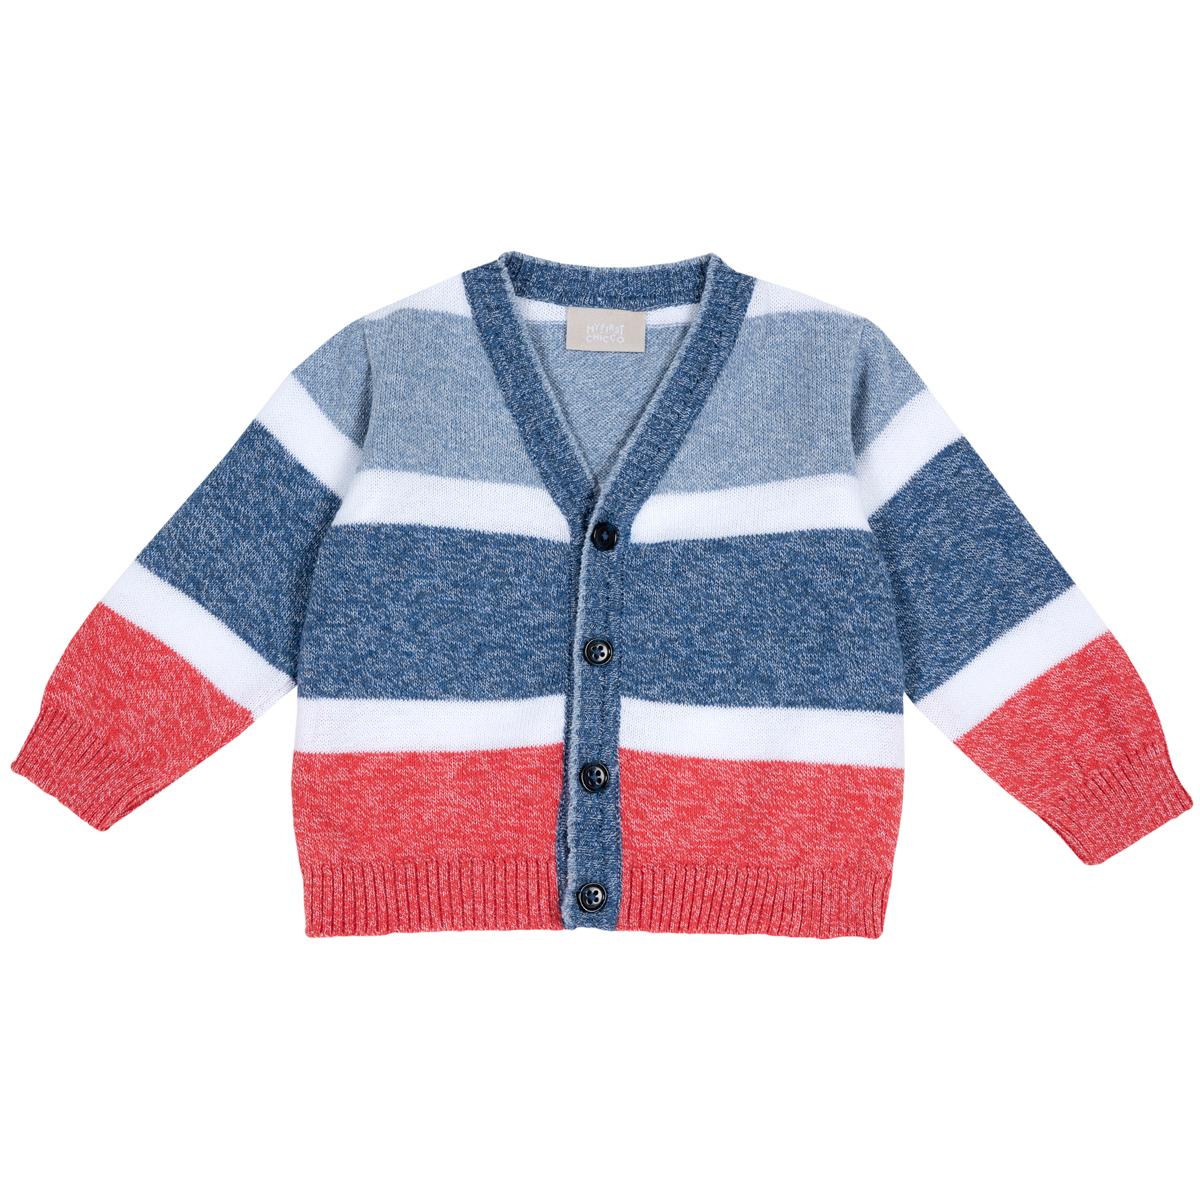 Cardigan Copii Chicco, Tricotat, Alb Cu Bleumarin, 09360 imagine